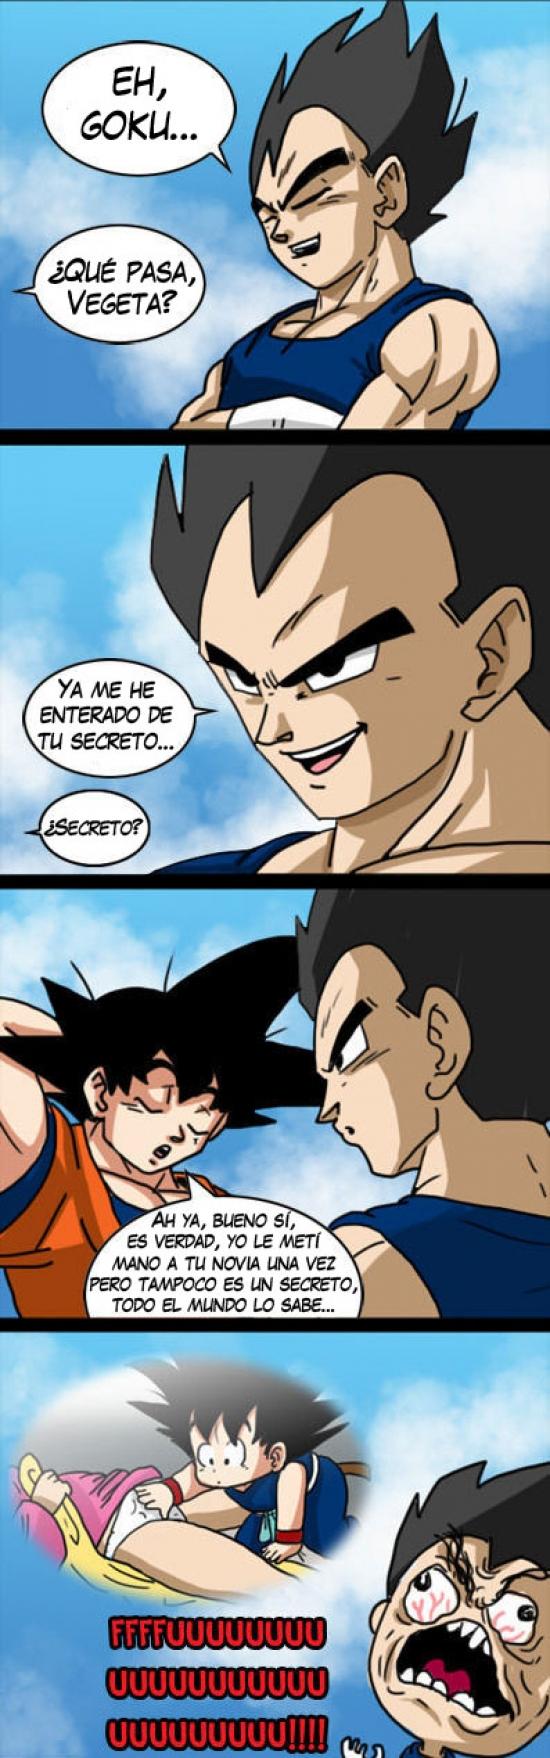 Ffffuuuuuuuuuu - El secreto de Son Goku